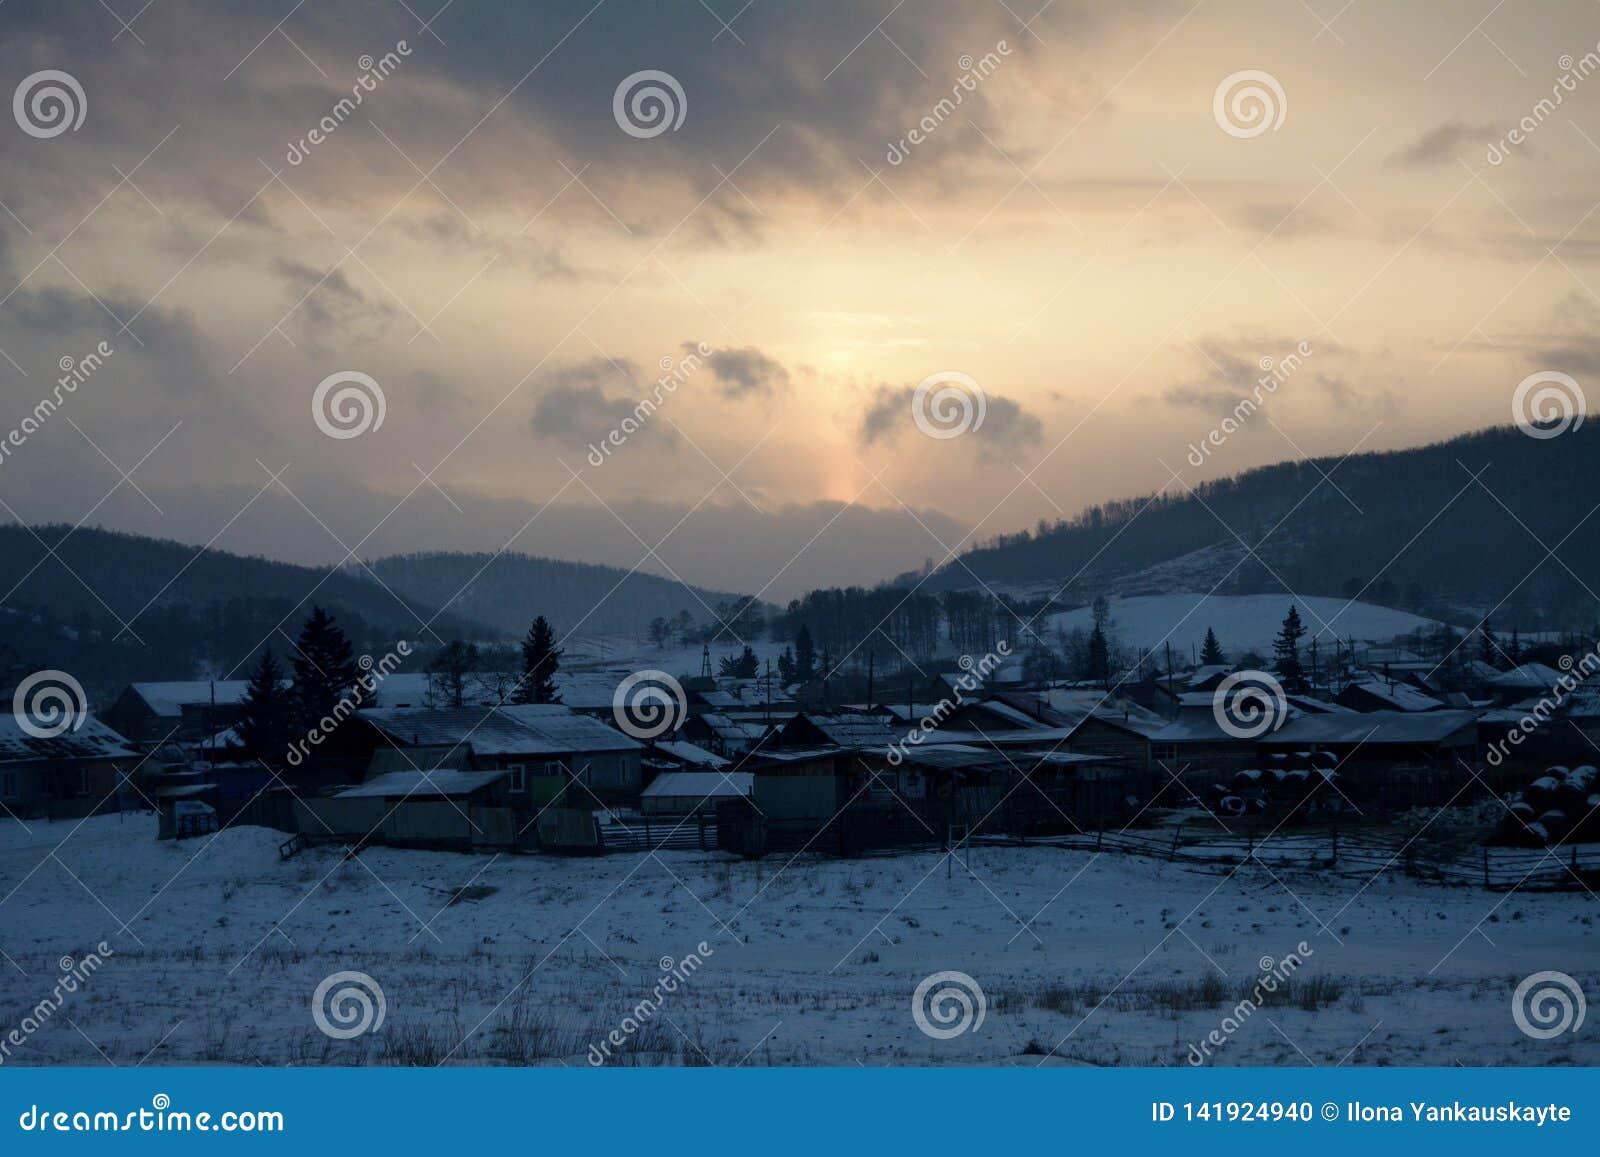 Śnieżny wioski Bolshoe ozero pod zmierzchem